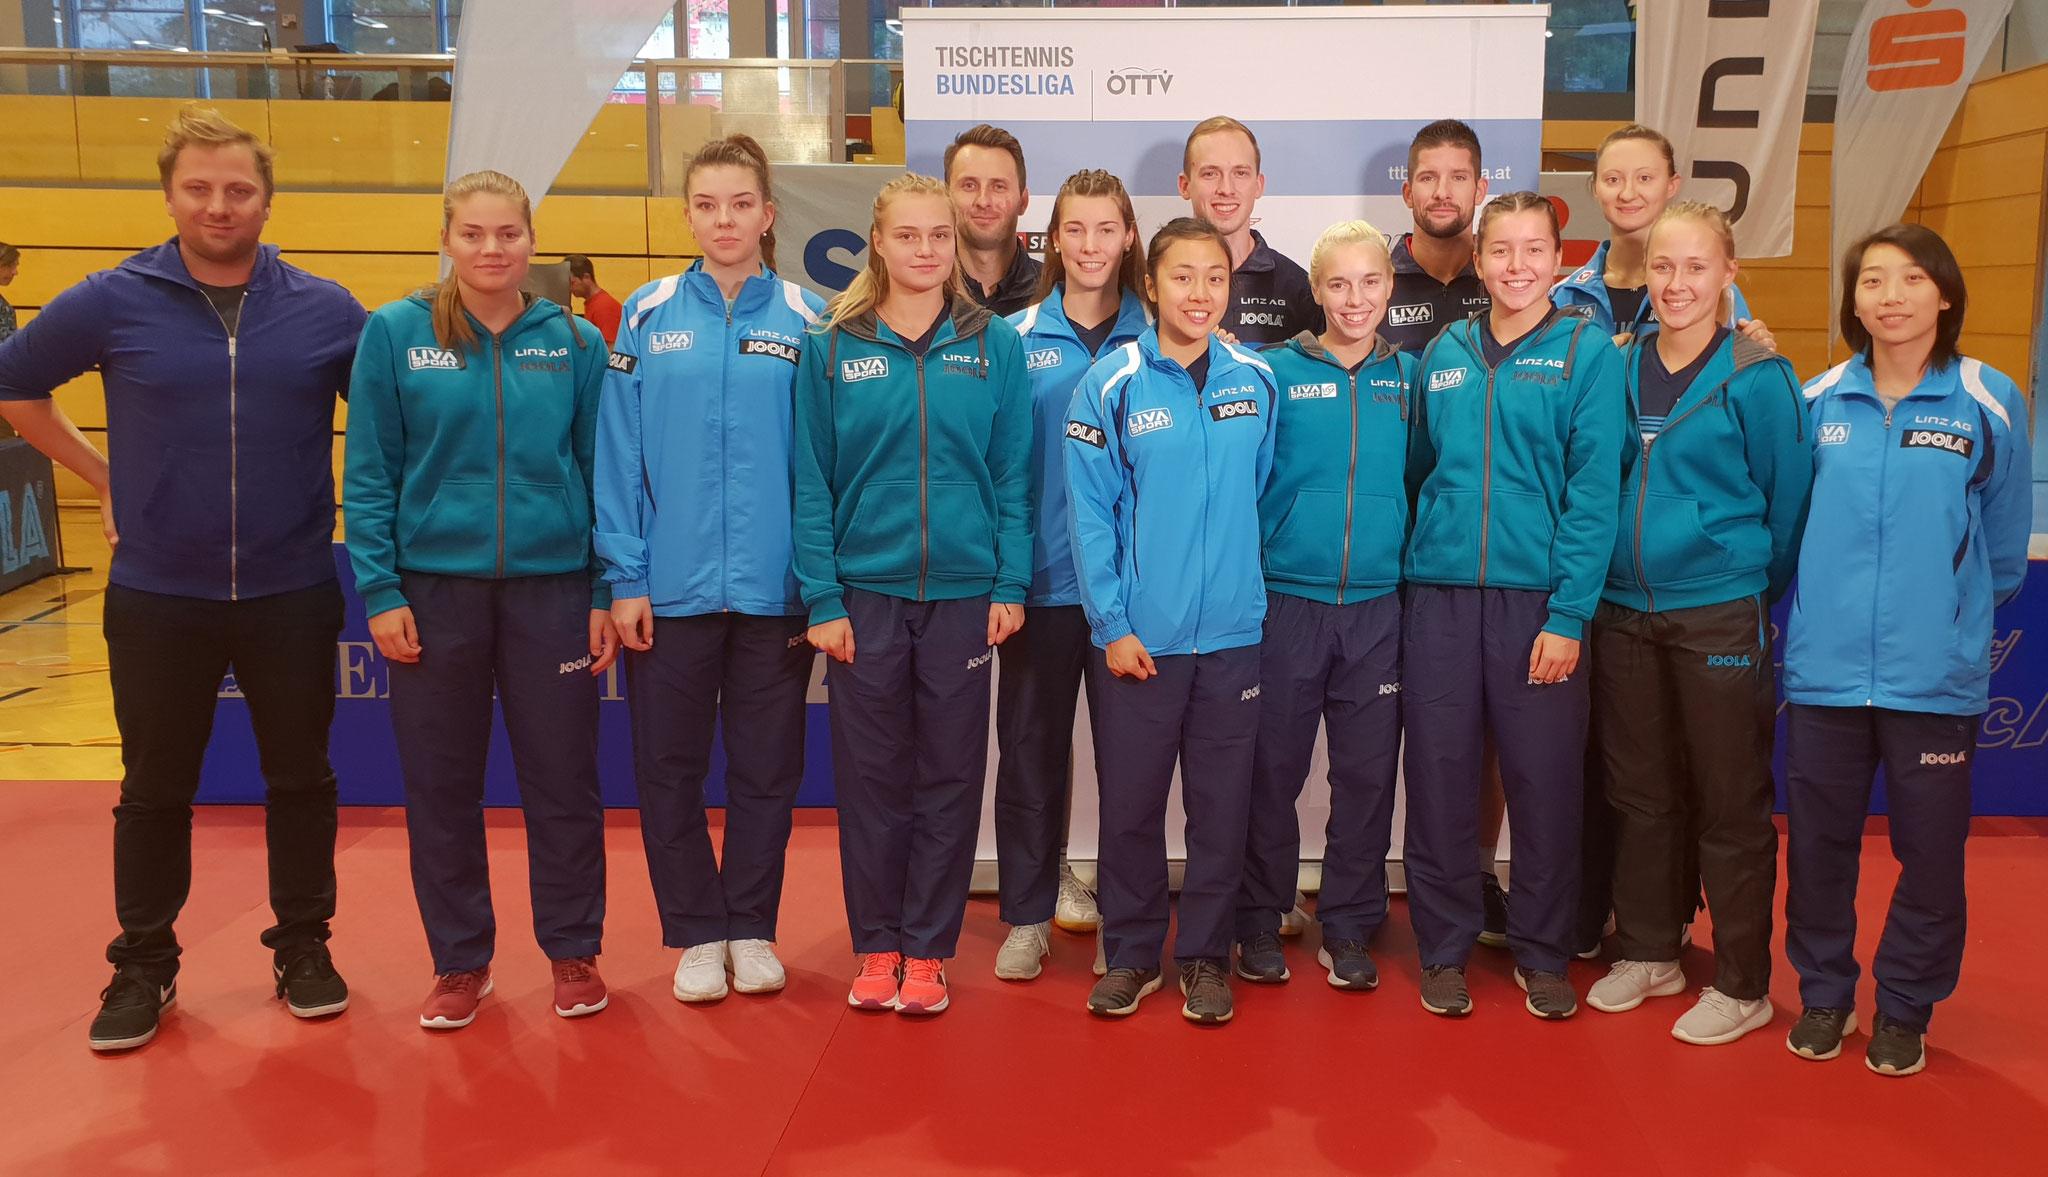 Mit 20 Spielerinnen, Spielern und Betreuern war Linz beim Cup auch zahlenmäßig absolut Spitze